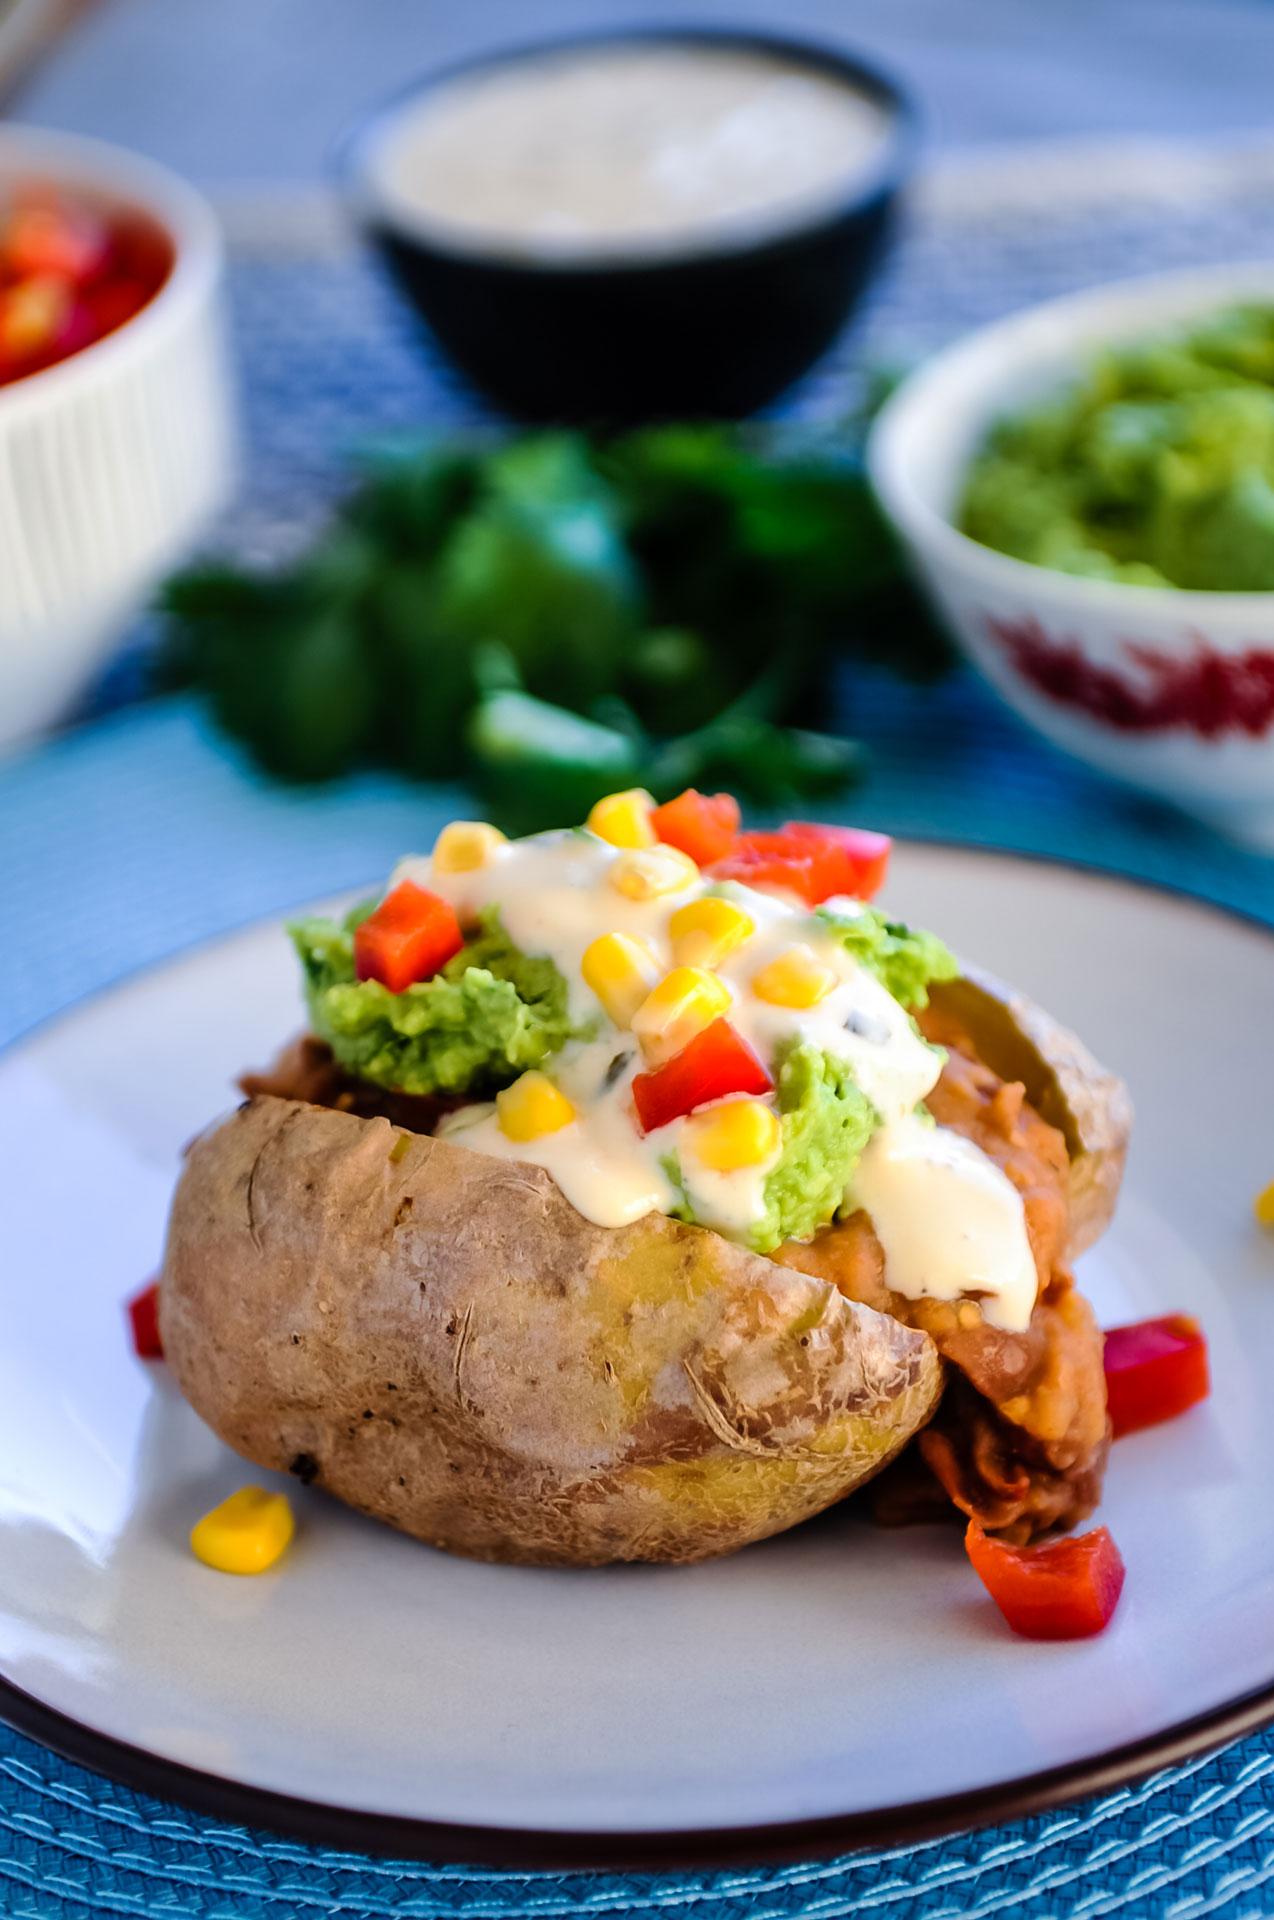 Gepofte Aardappel Mexican Style met 'Sour Cream' & Salsa